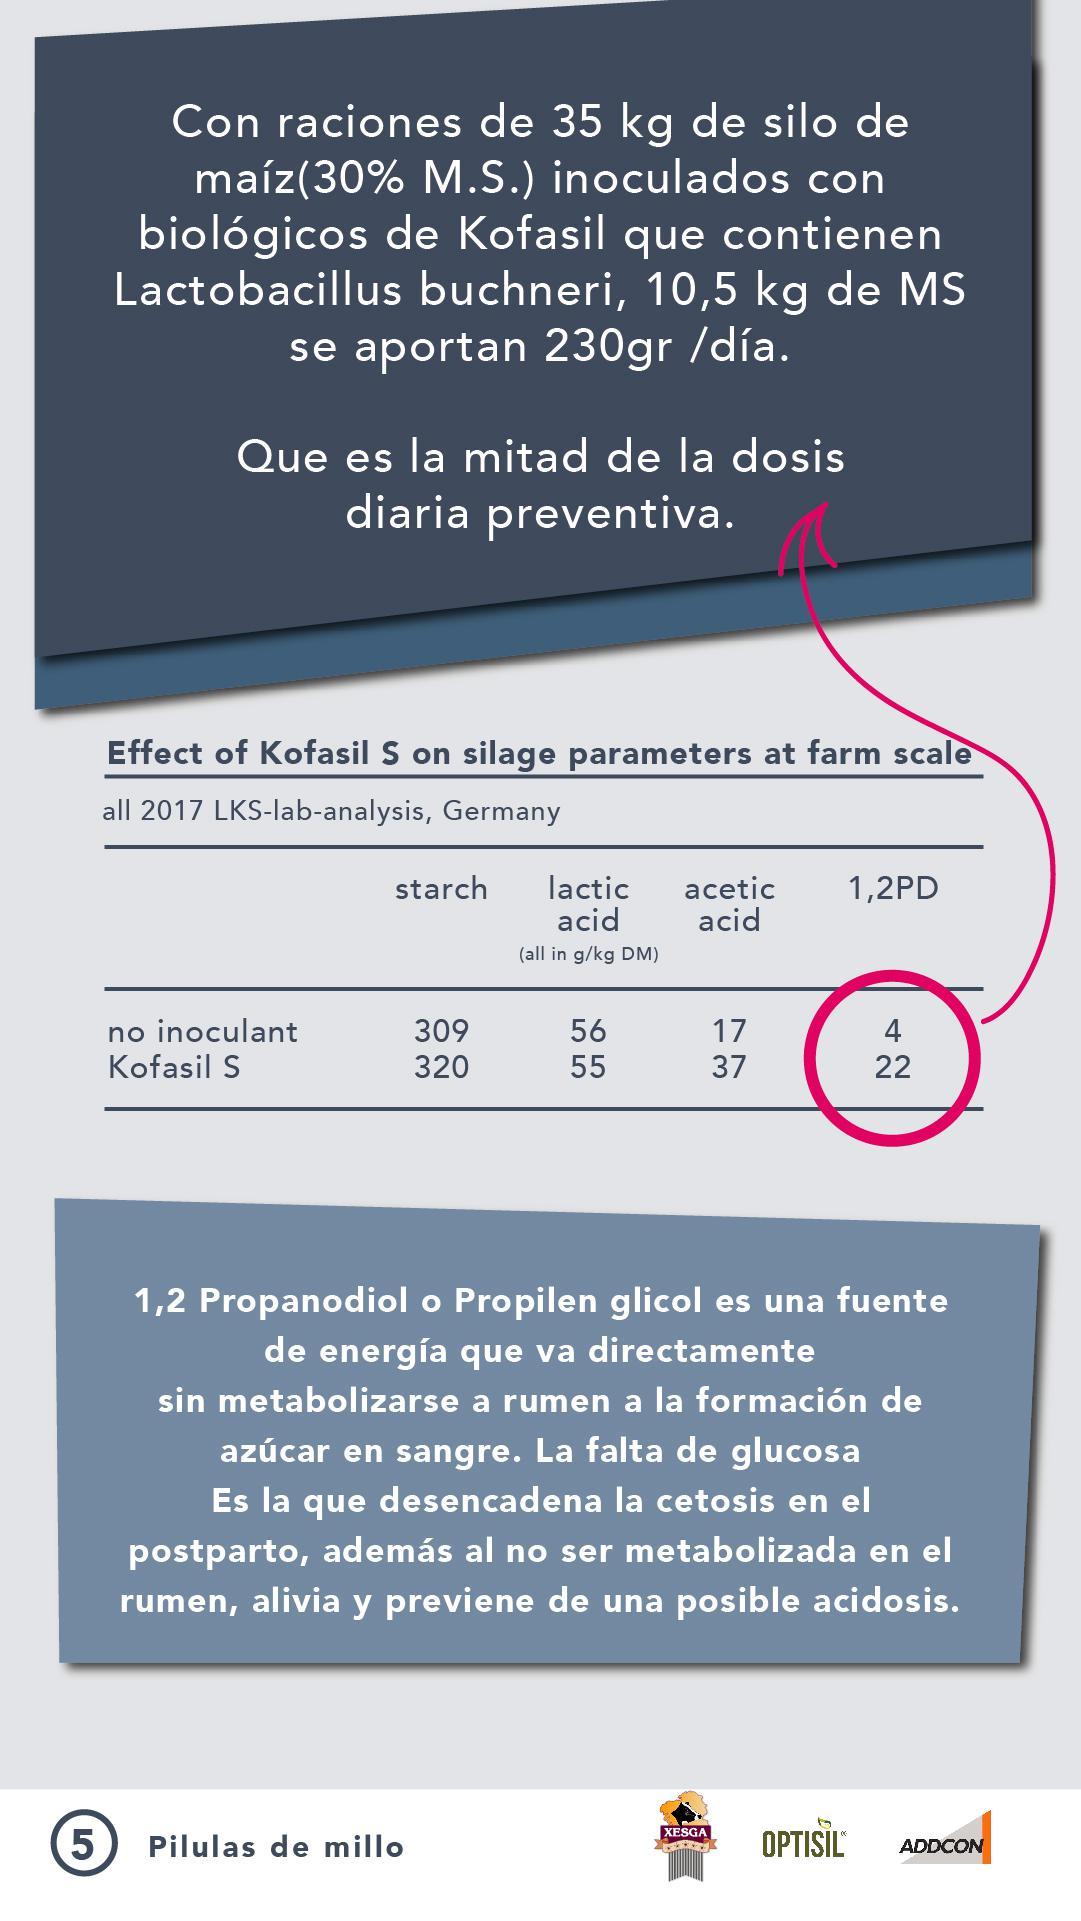 OPTISIL ADIAL PILULA MILLO 5